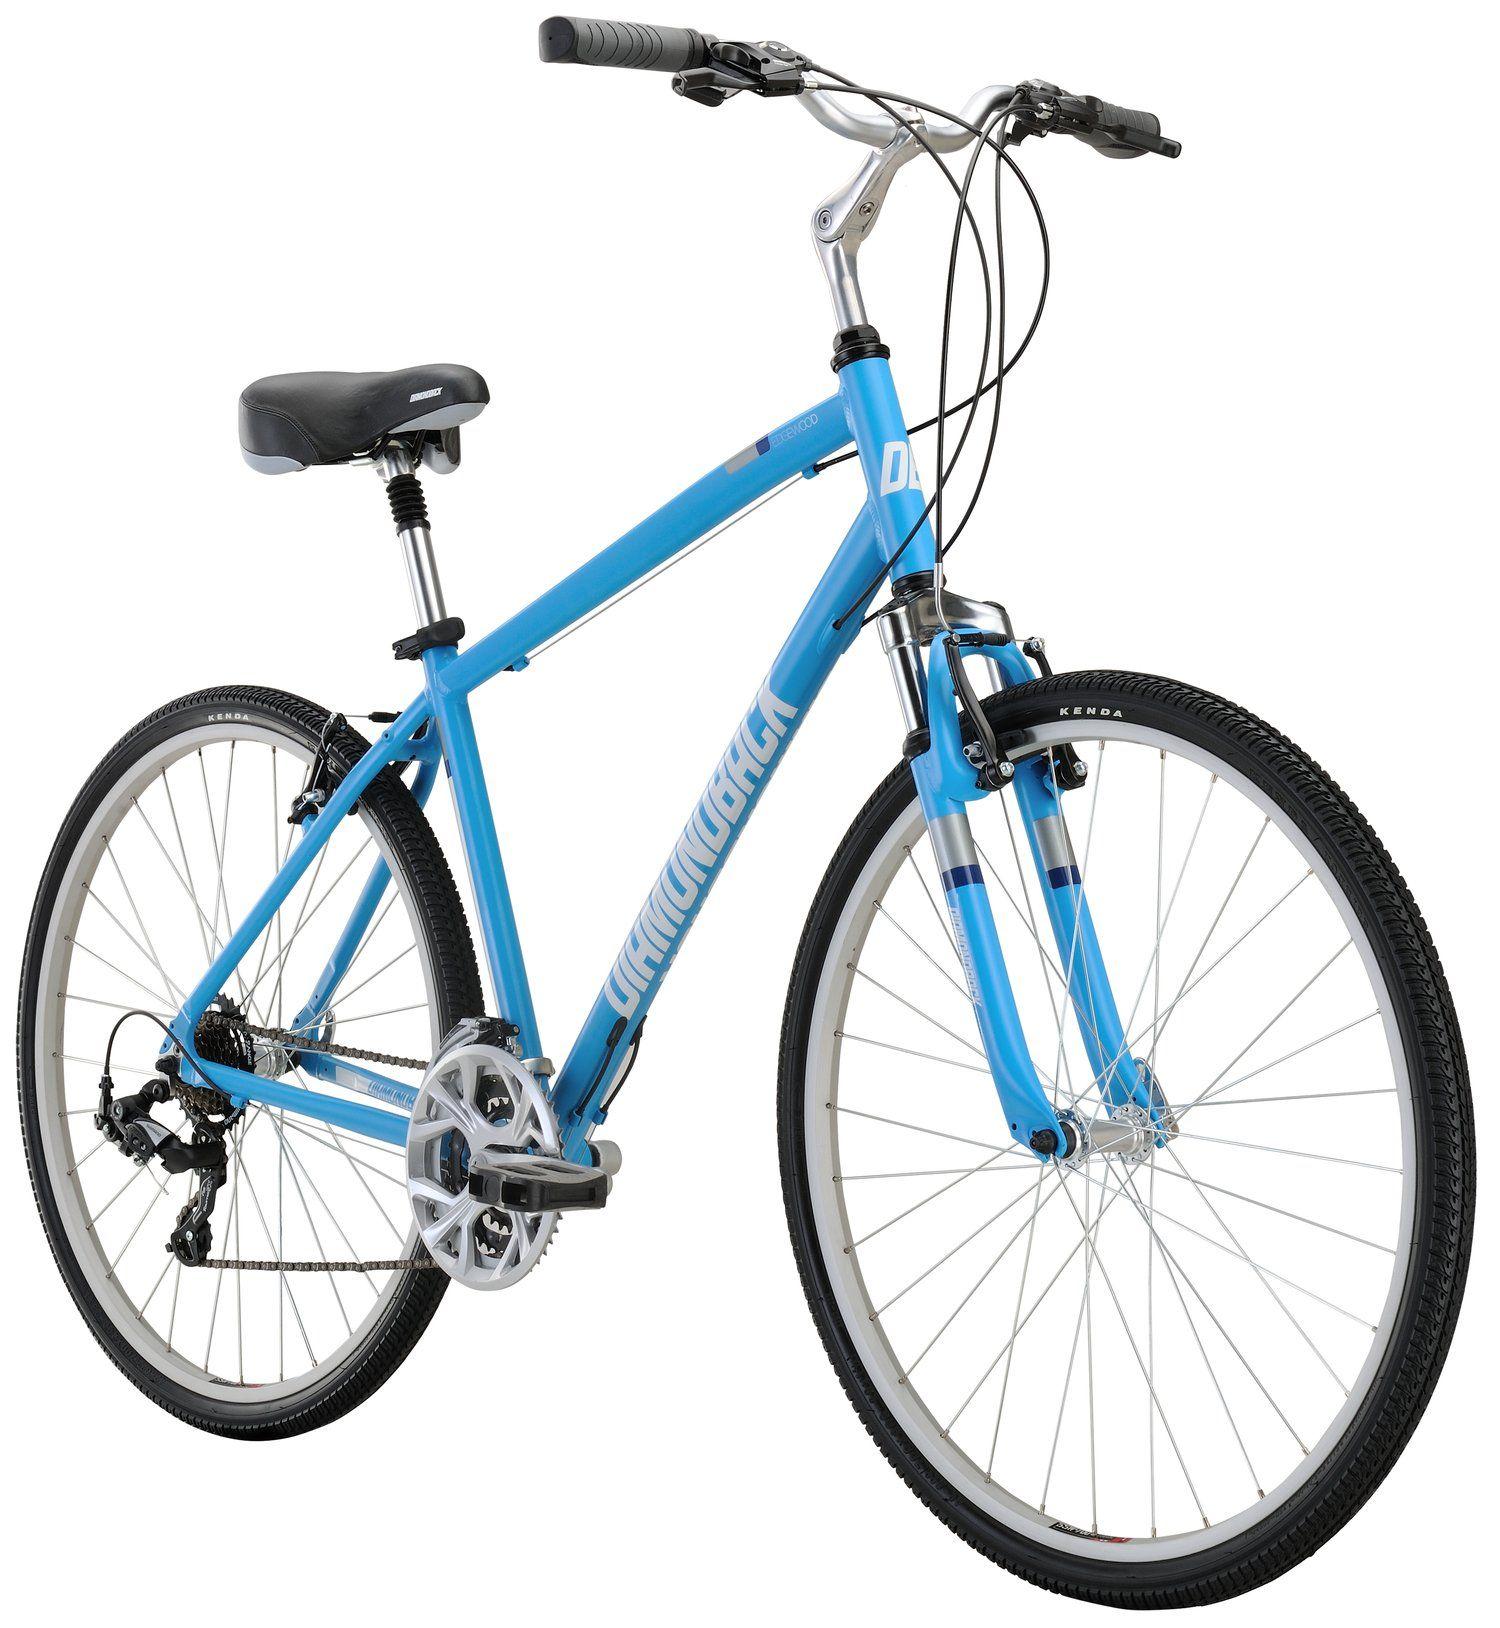 Diamondback Bicycles Edgewood Hybrid Bike. Aluminum frame